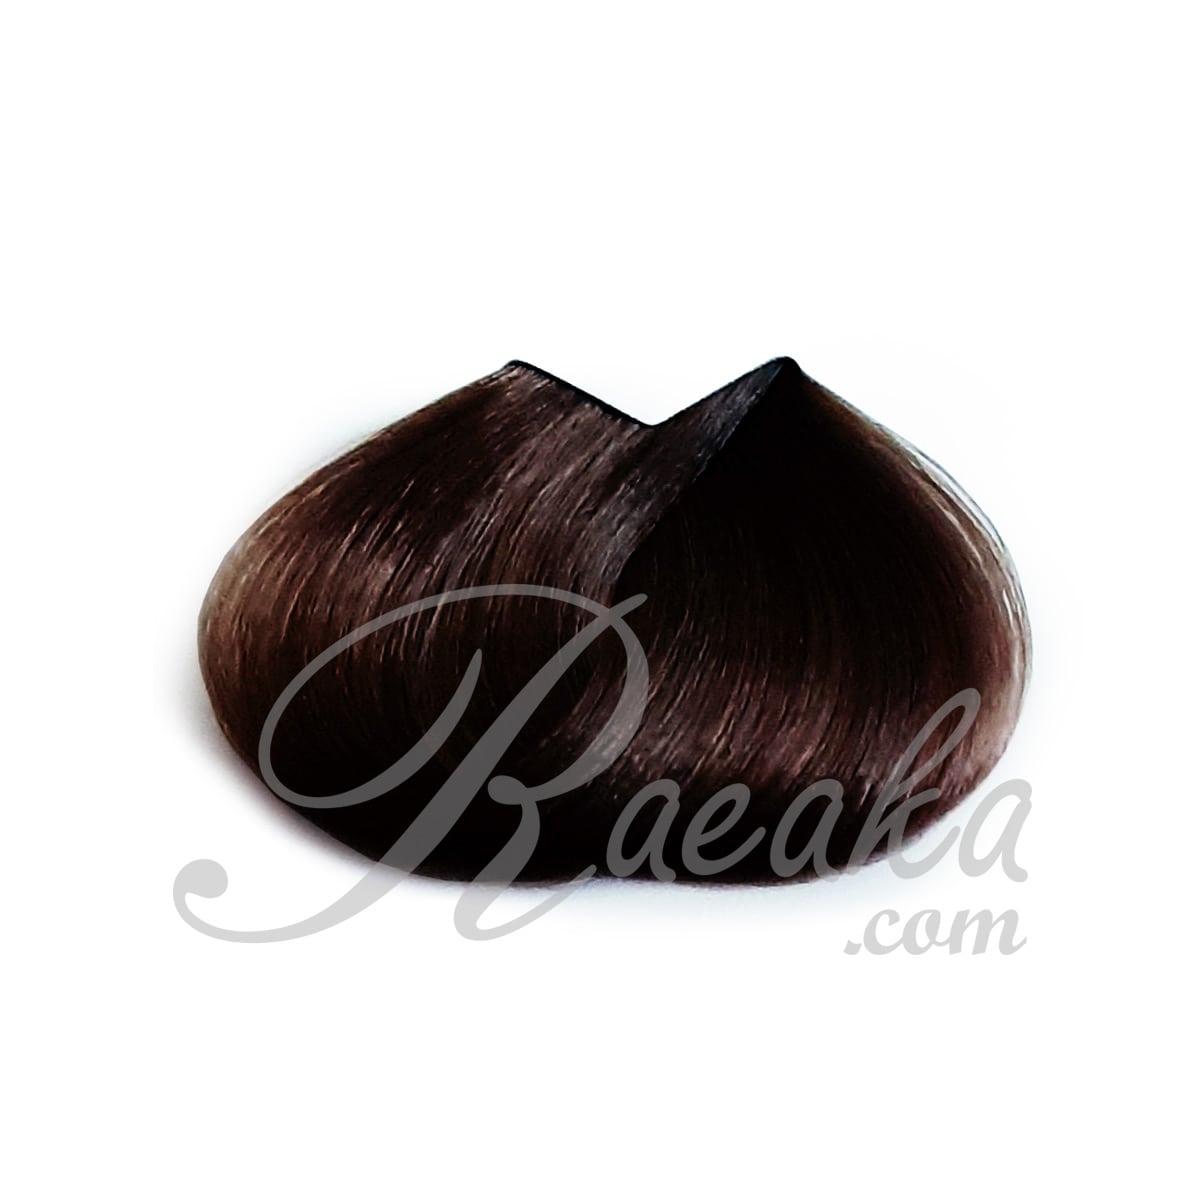 کیت رنگ موی زی فام شماره ۴ (قهوه ای طبیعی) با محافظت سه گانه